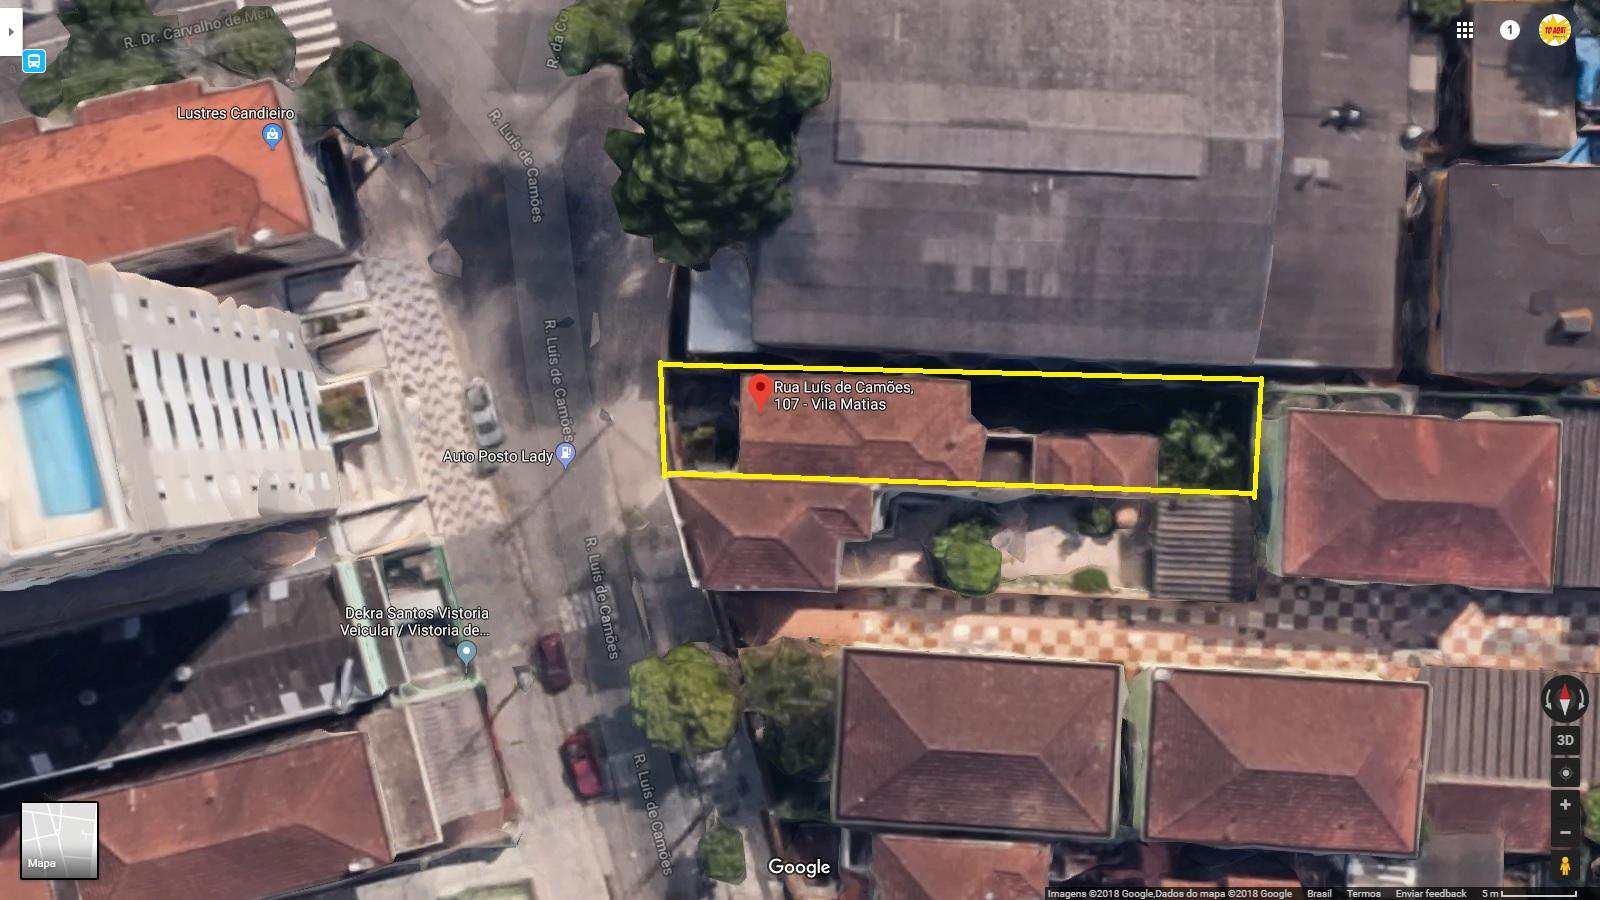 casa Luís de Camões 107 vista aérea